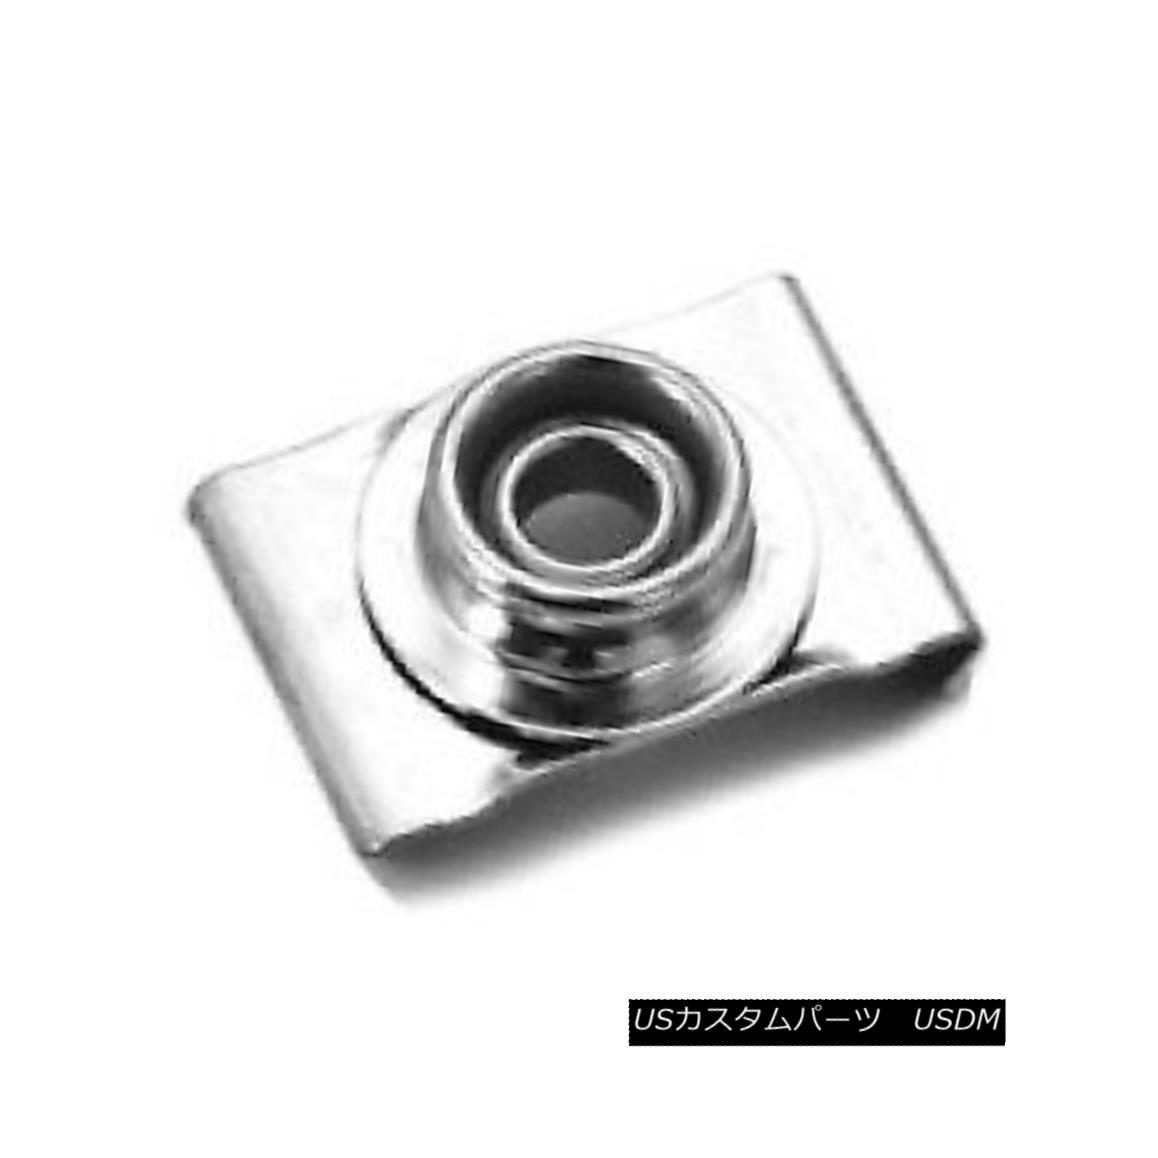 幌・ソフトトップ Omix 12306.07 Soft Top Hardware For 87-95 Jeep Wrangler (YJ) オムックス12306.07ソフトトップハード87-95ジープラングラー(YJ)